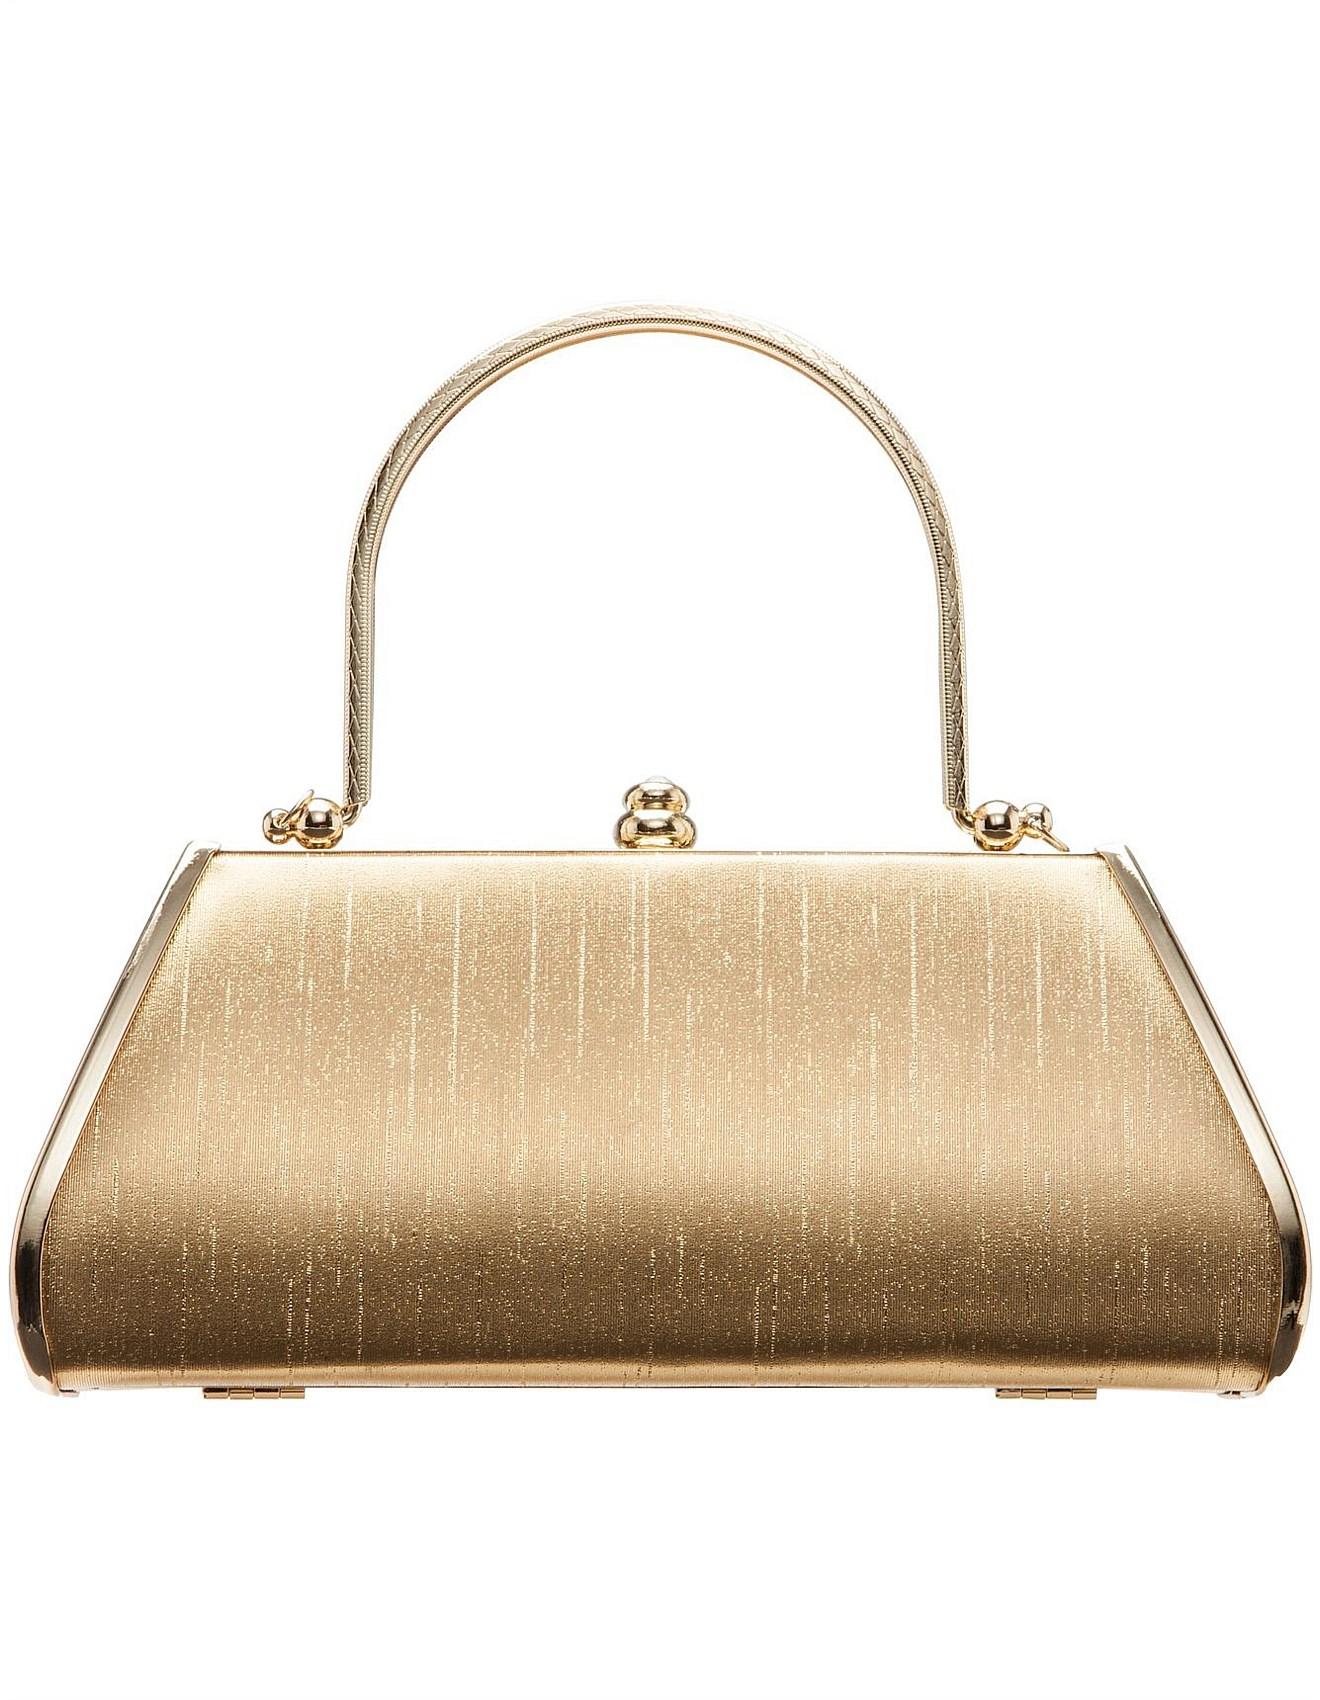 Bags & Accessories Sale | Buy Handbags Online | David Jones - METAL ...